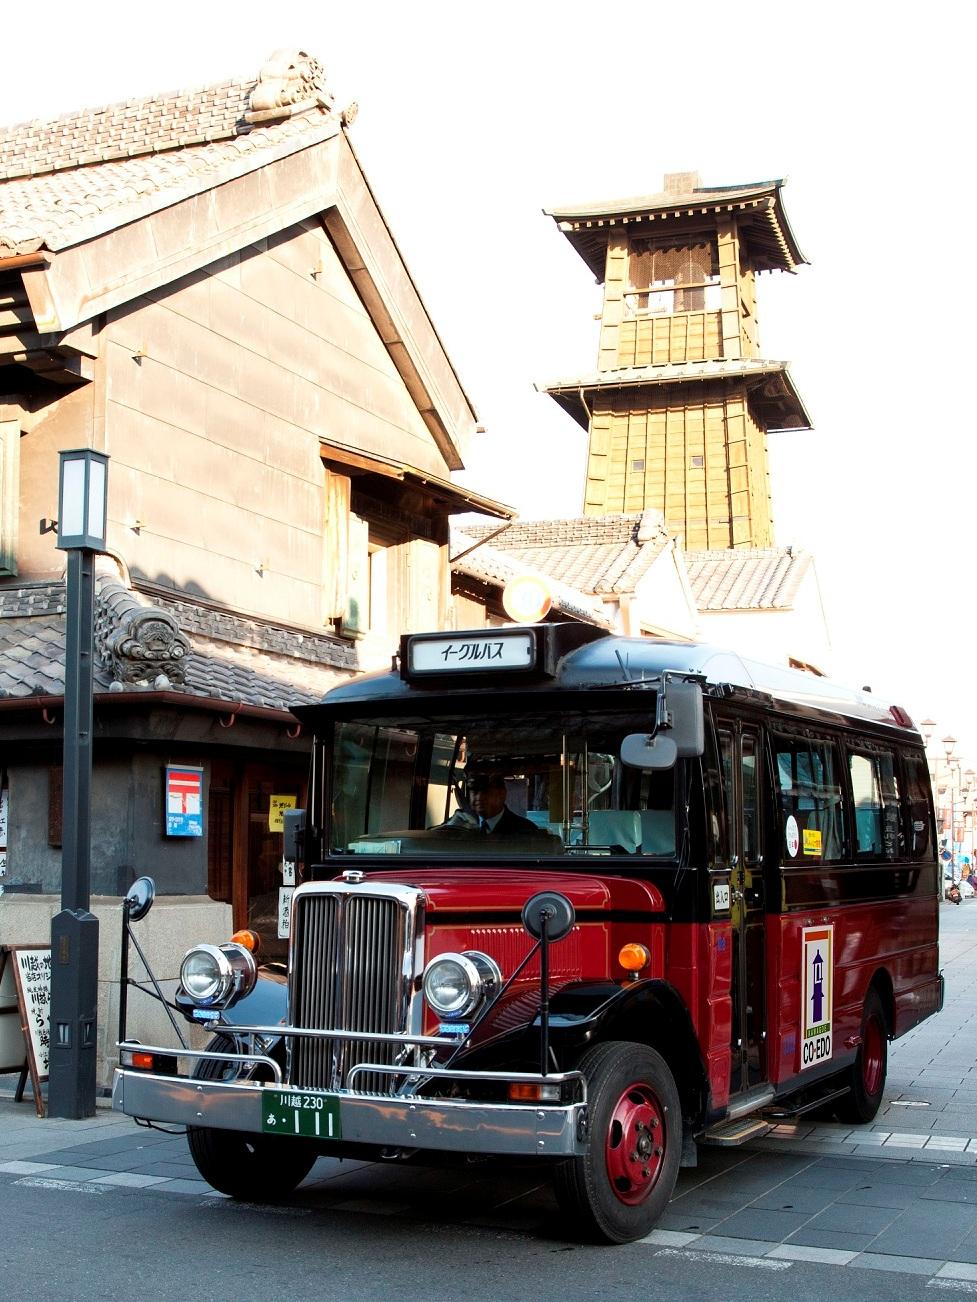 川越の街を走る小江戸巡回バス